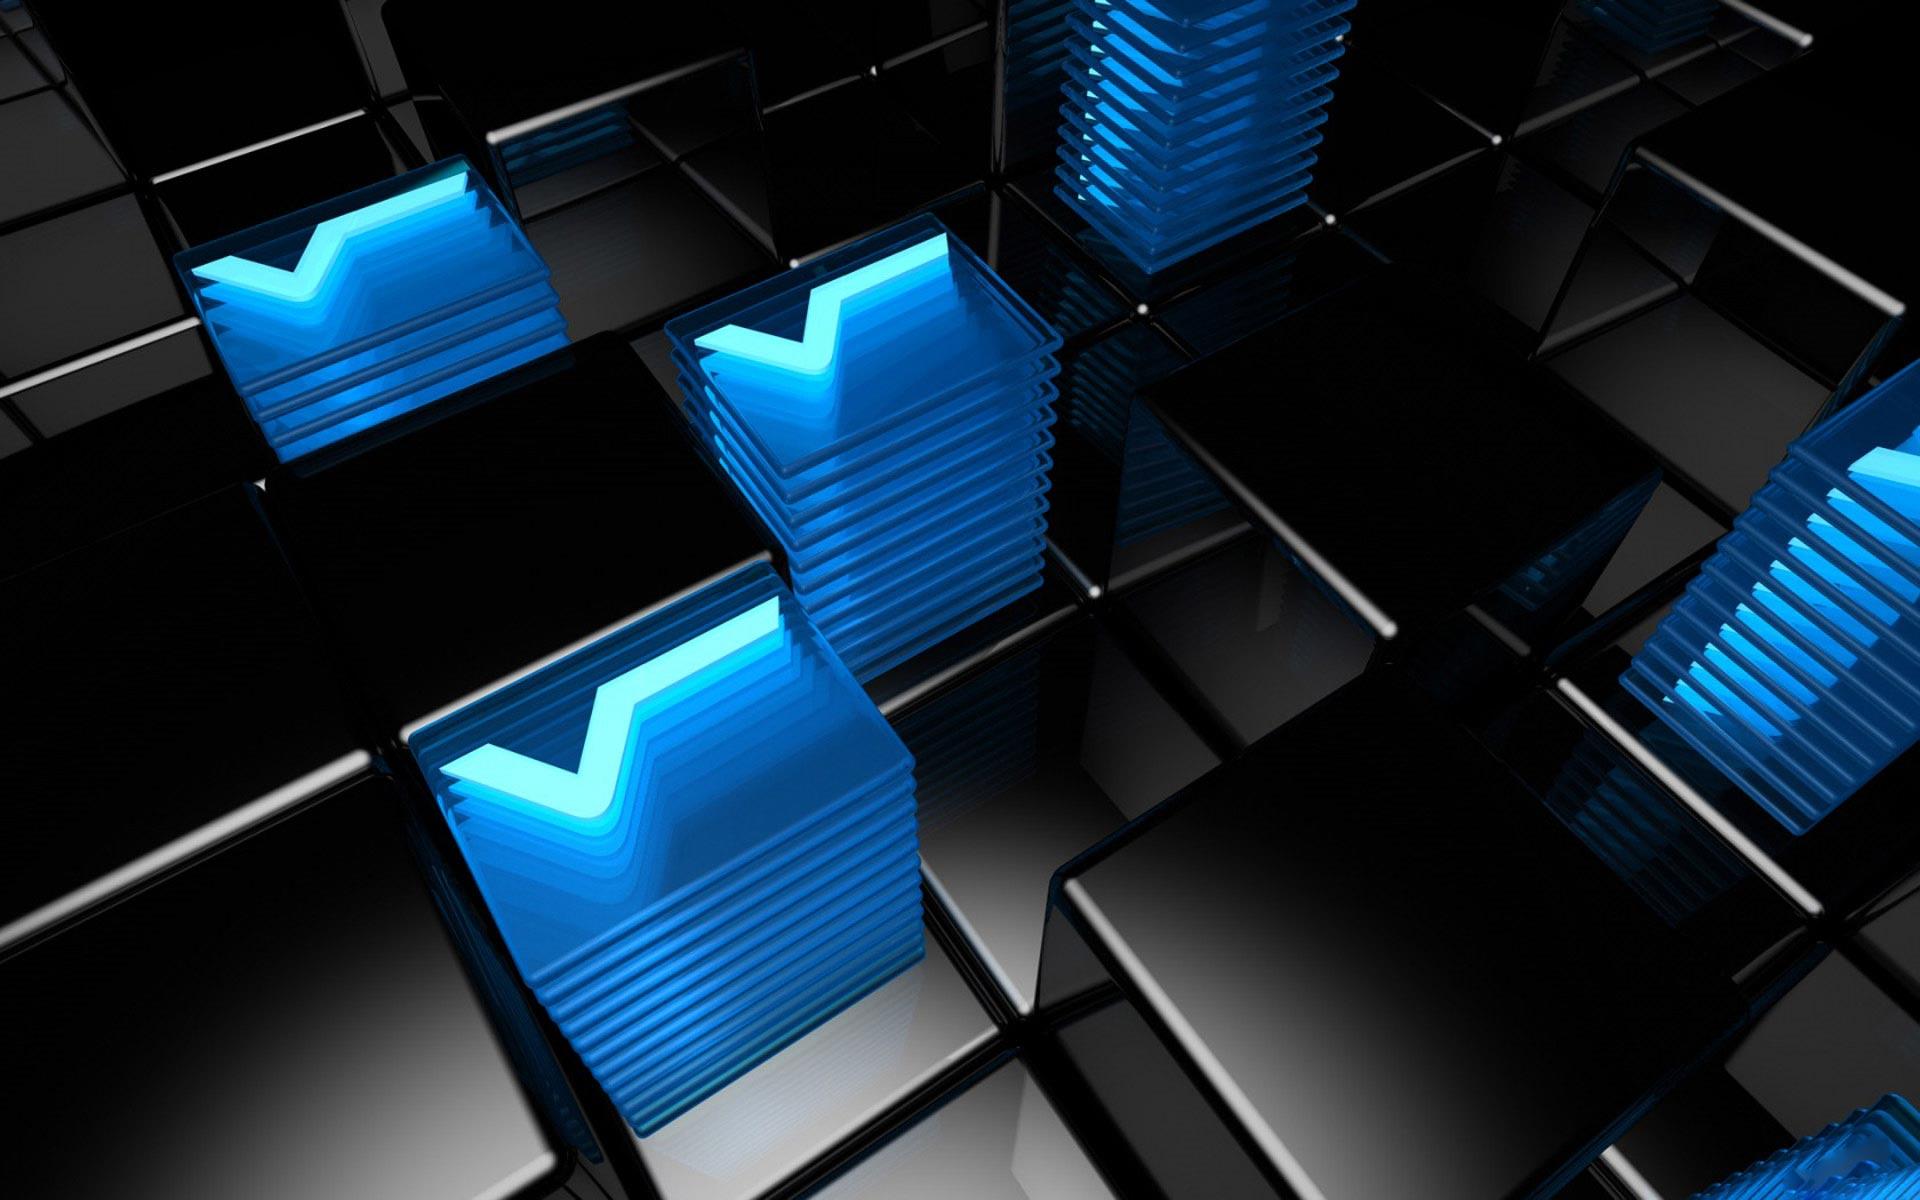 3d abstract hd Wallpaper High Quality WallpapersWallpaper Desktop 1920x1200